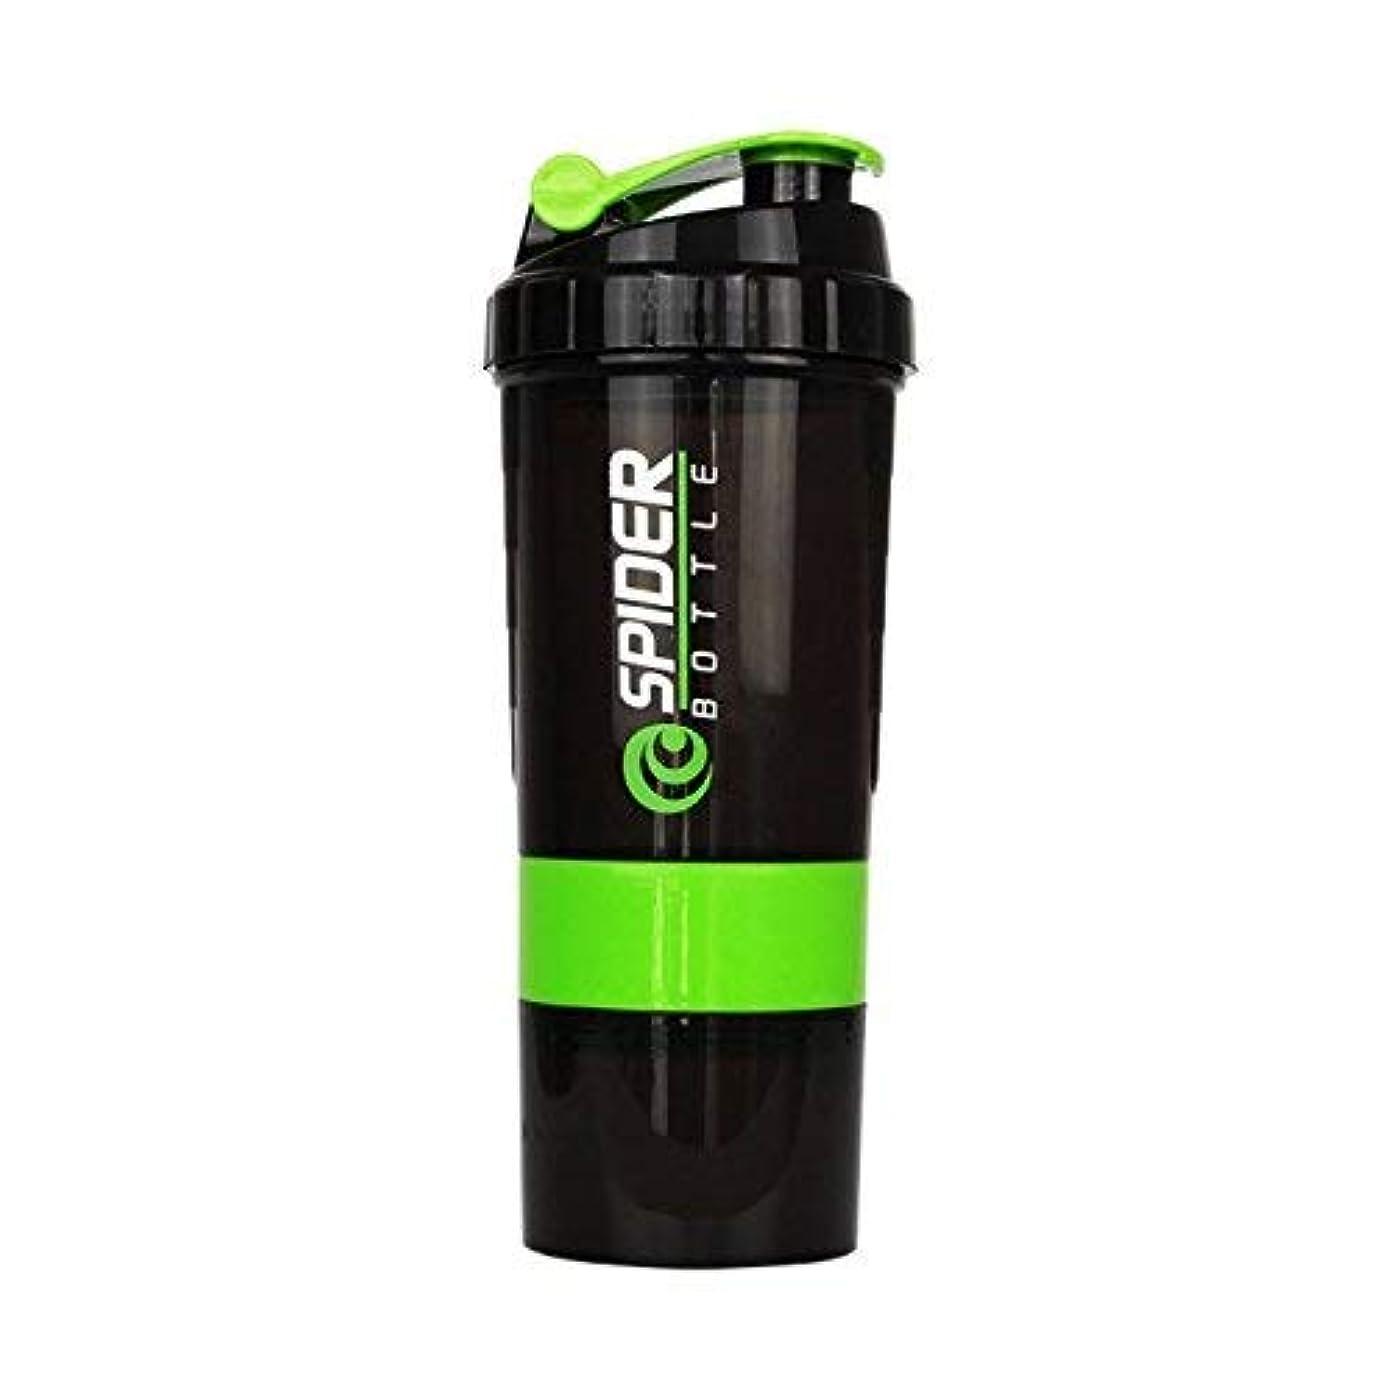 誇張する個人的なシャベルAomgsd プロテインシェイカー 650ml シェーカーボトル プラスチック 目盛り ジム ダイエット スポーツ (グリーン)